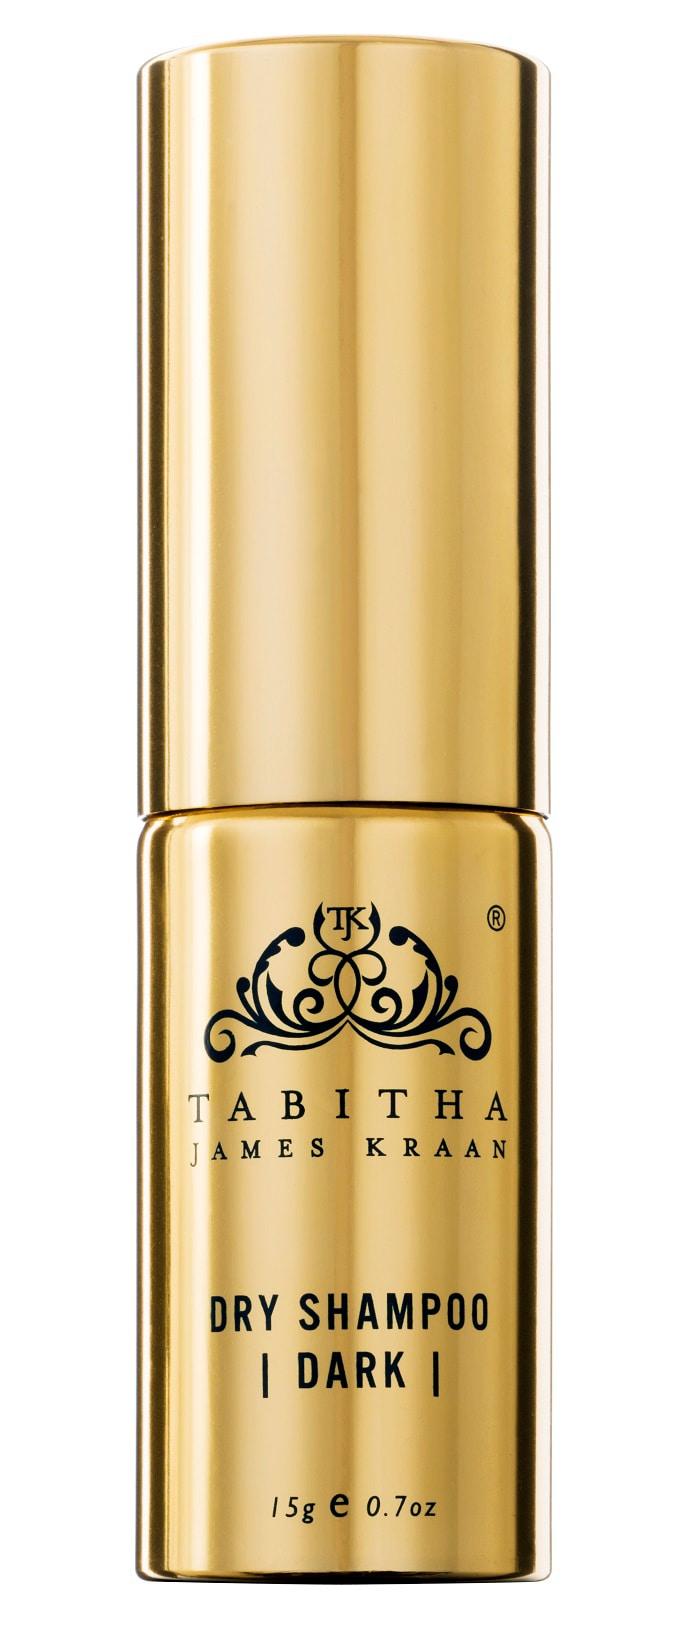 Tabitha James Kraan Compact Organic Dry Shampoo Dark Hair 15g